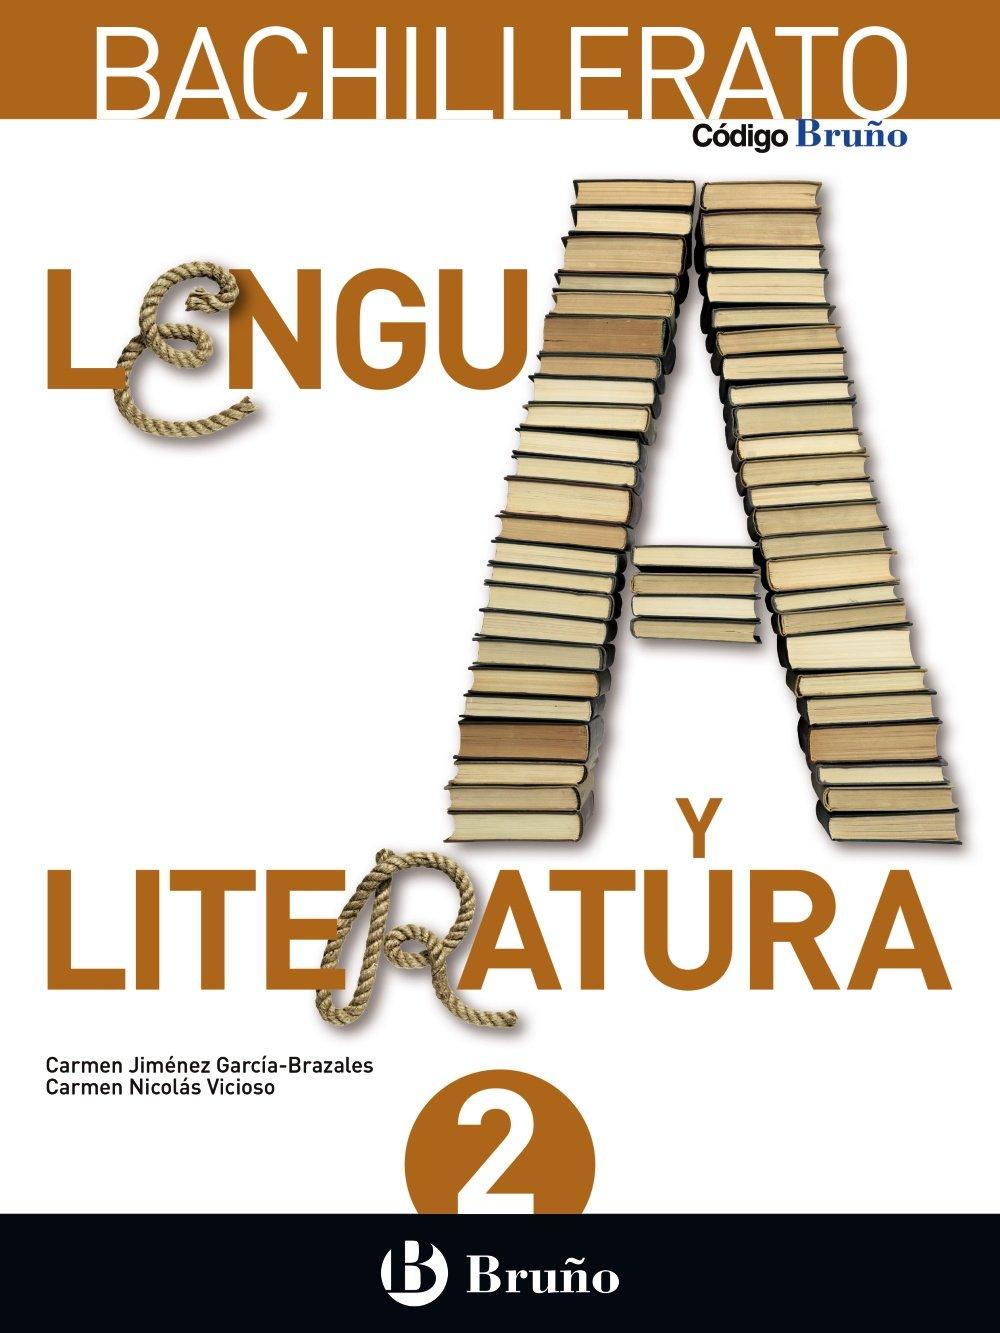 Solucionario Lengua y Literatura 2 Bachillerato Bruño